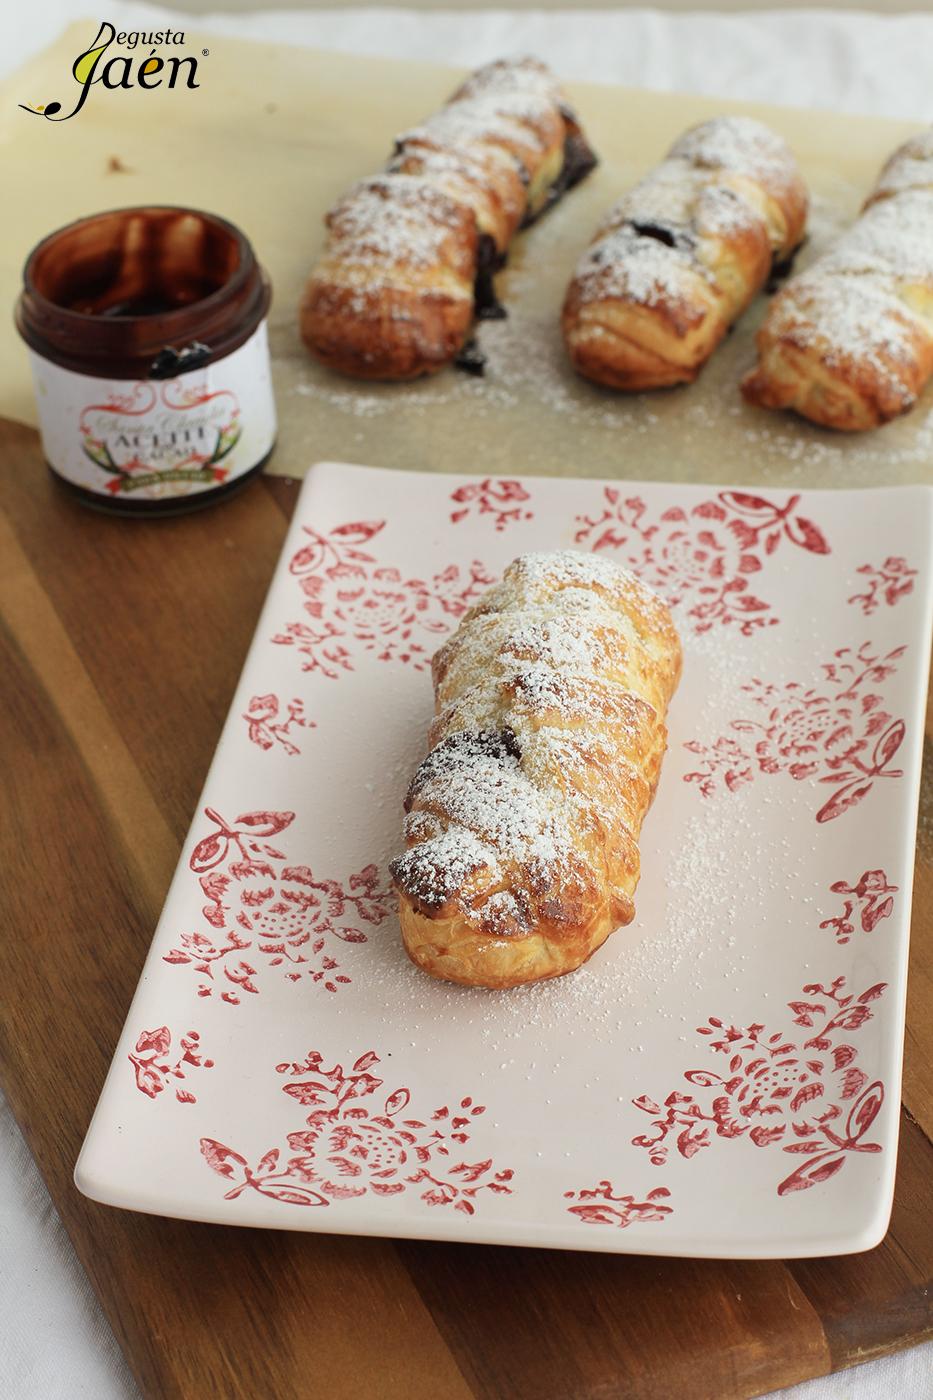 Trenza de hojaldre y crema de cacao con aove Degusta Jaen (2)